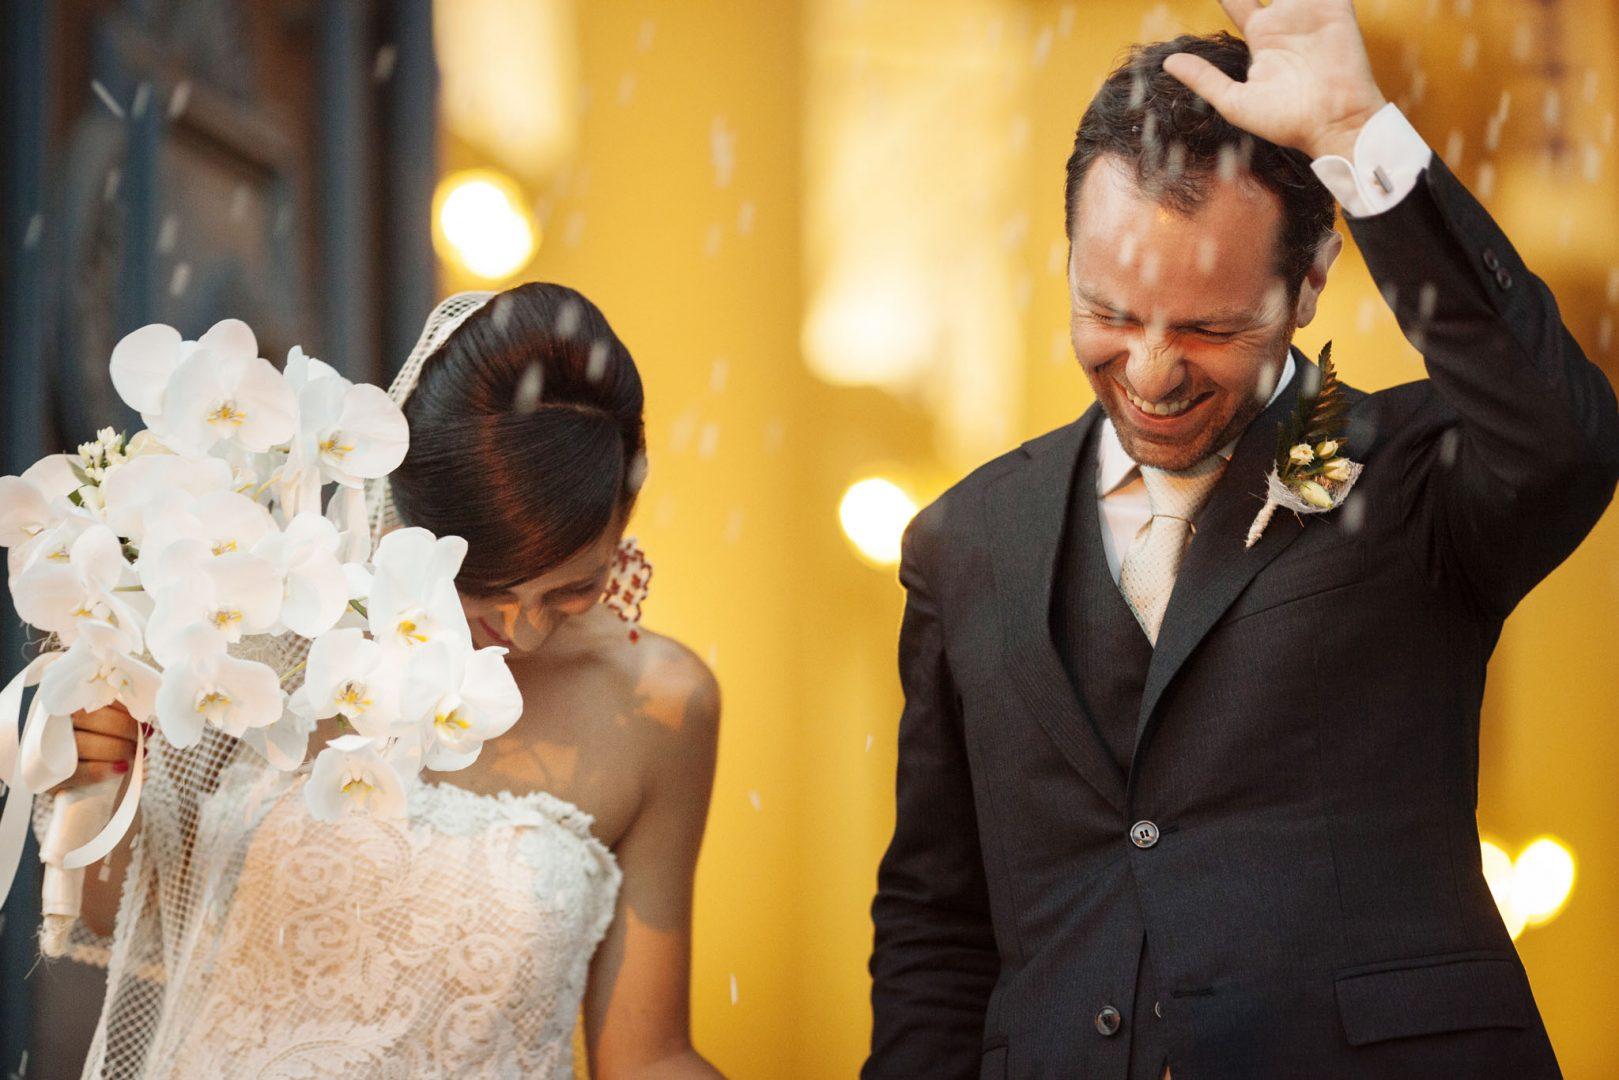 lancio del riso. Nino Lombardo fotografo matrimonio a Modica